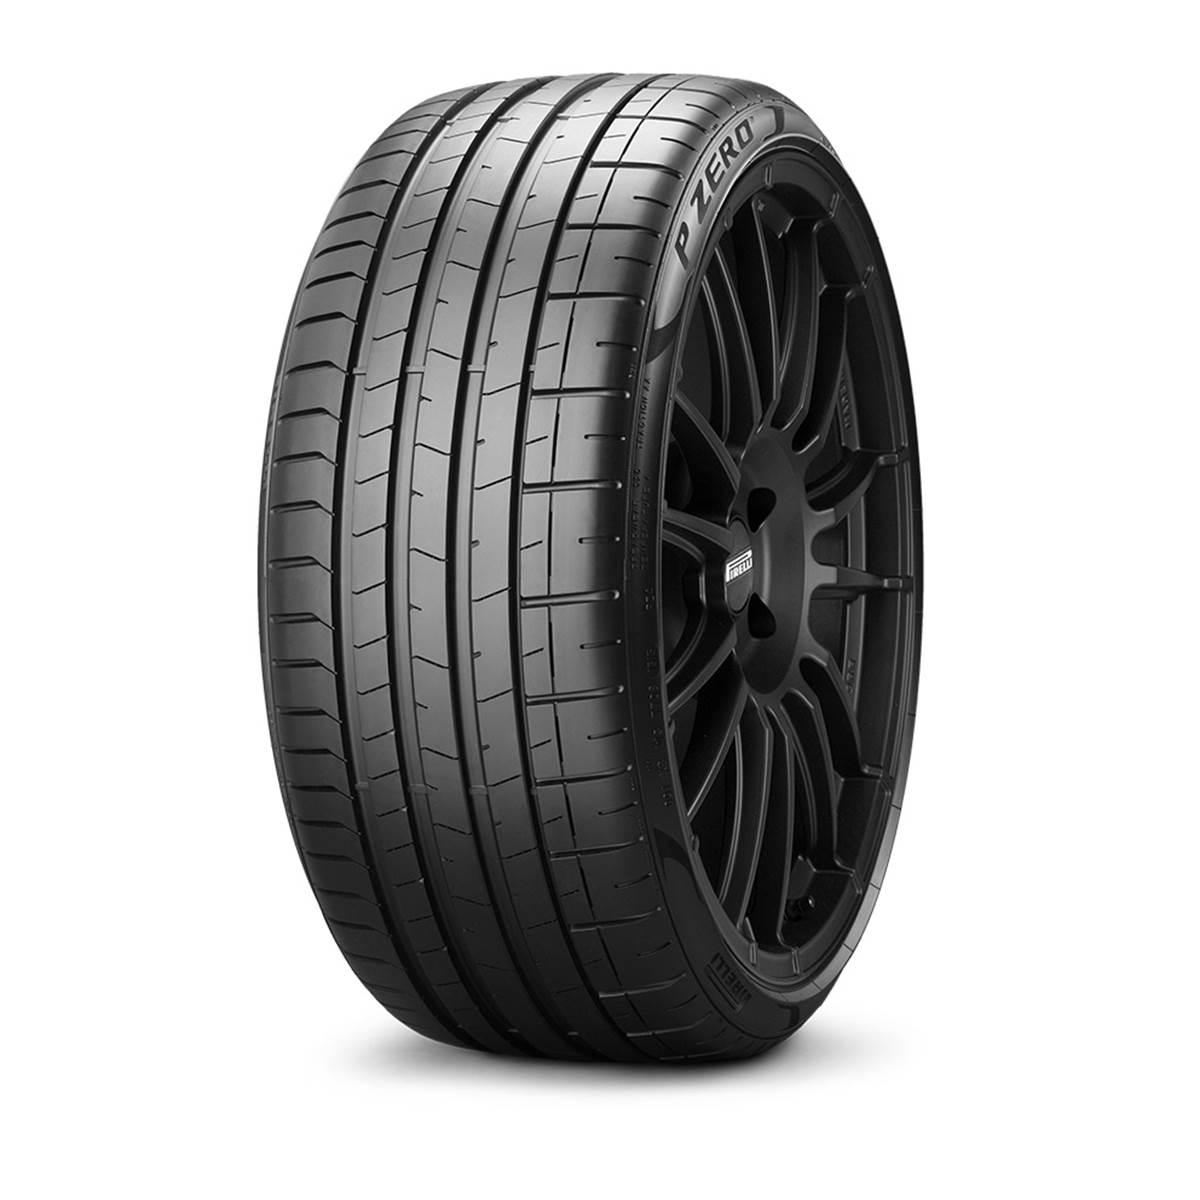 Pneu Pirelli 305/30R20 99Y Pzero